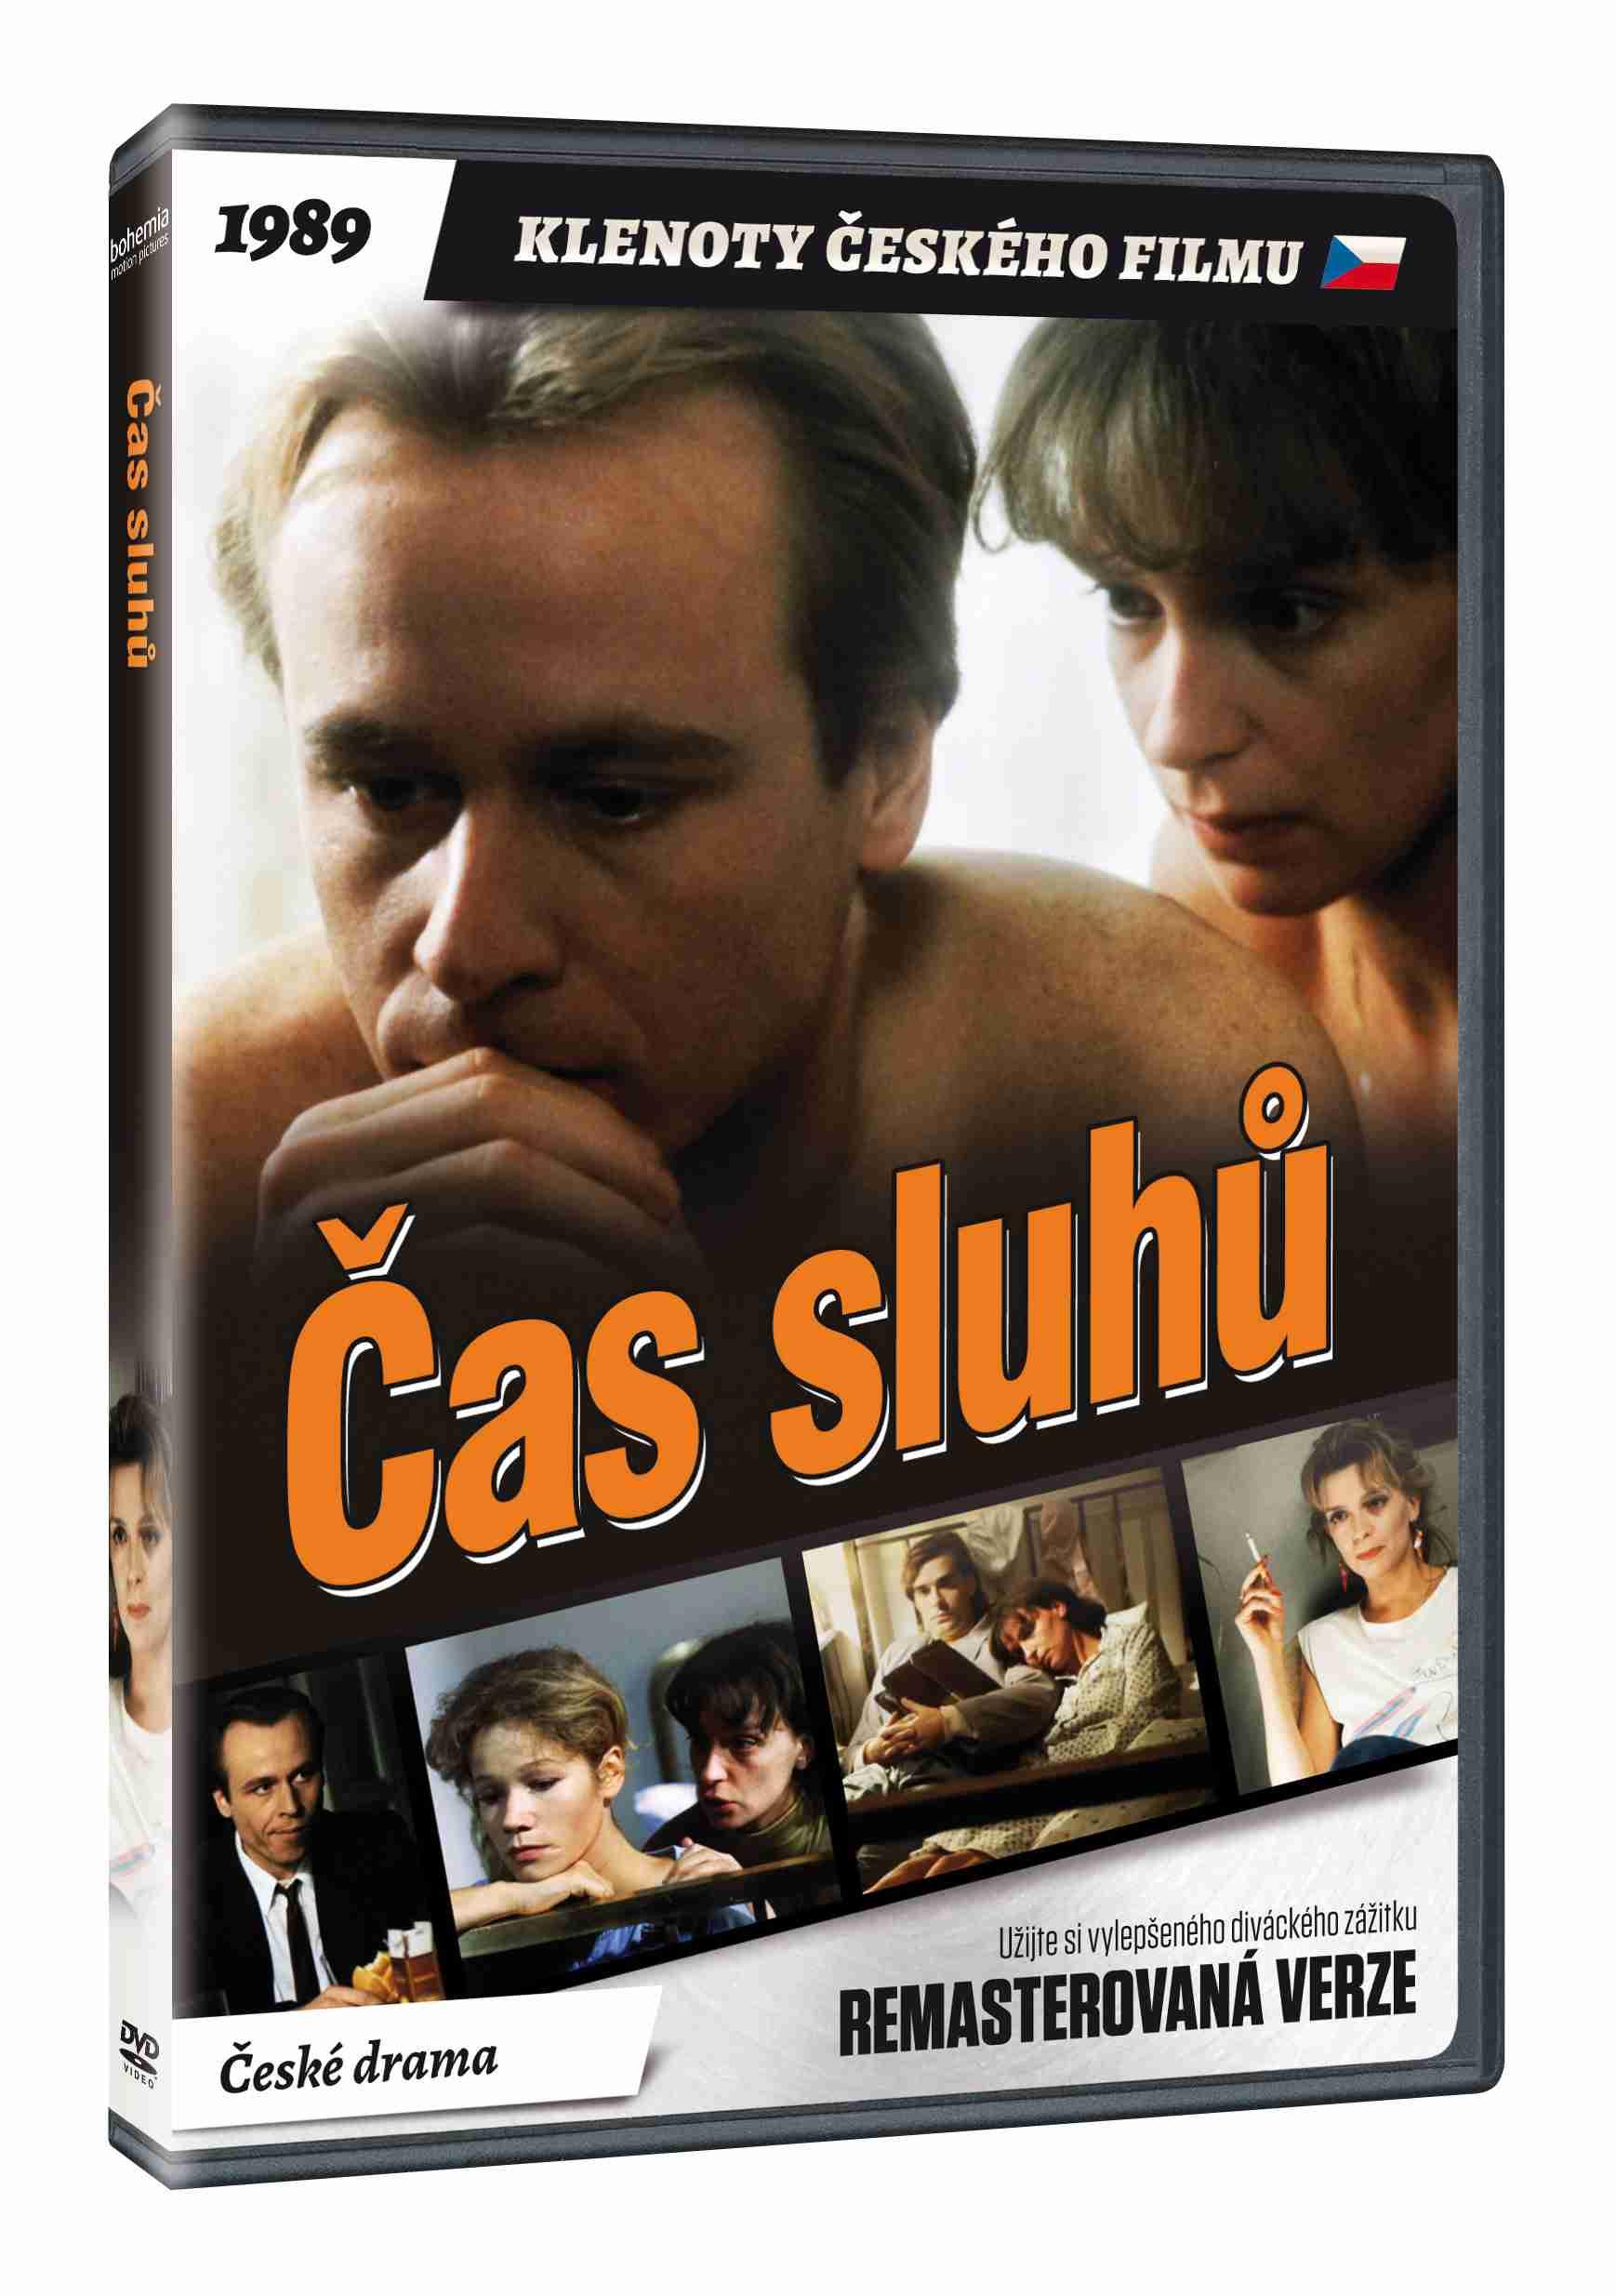 Čas sluhů - DVD (remasterovaná verze)